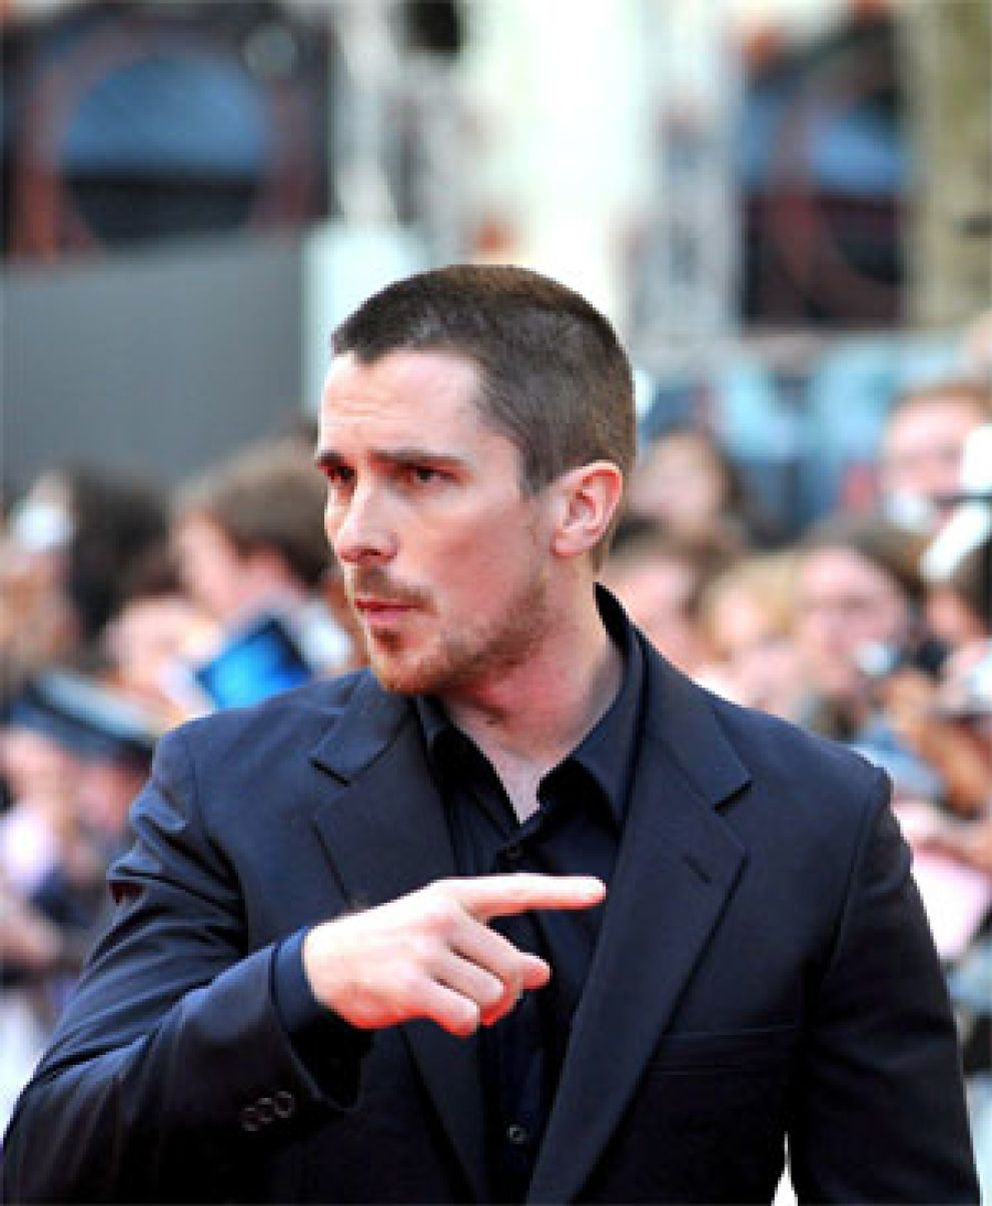 Foto: ¿Por qué agredió Christian Bale a su familia?